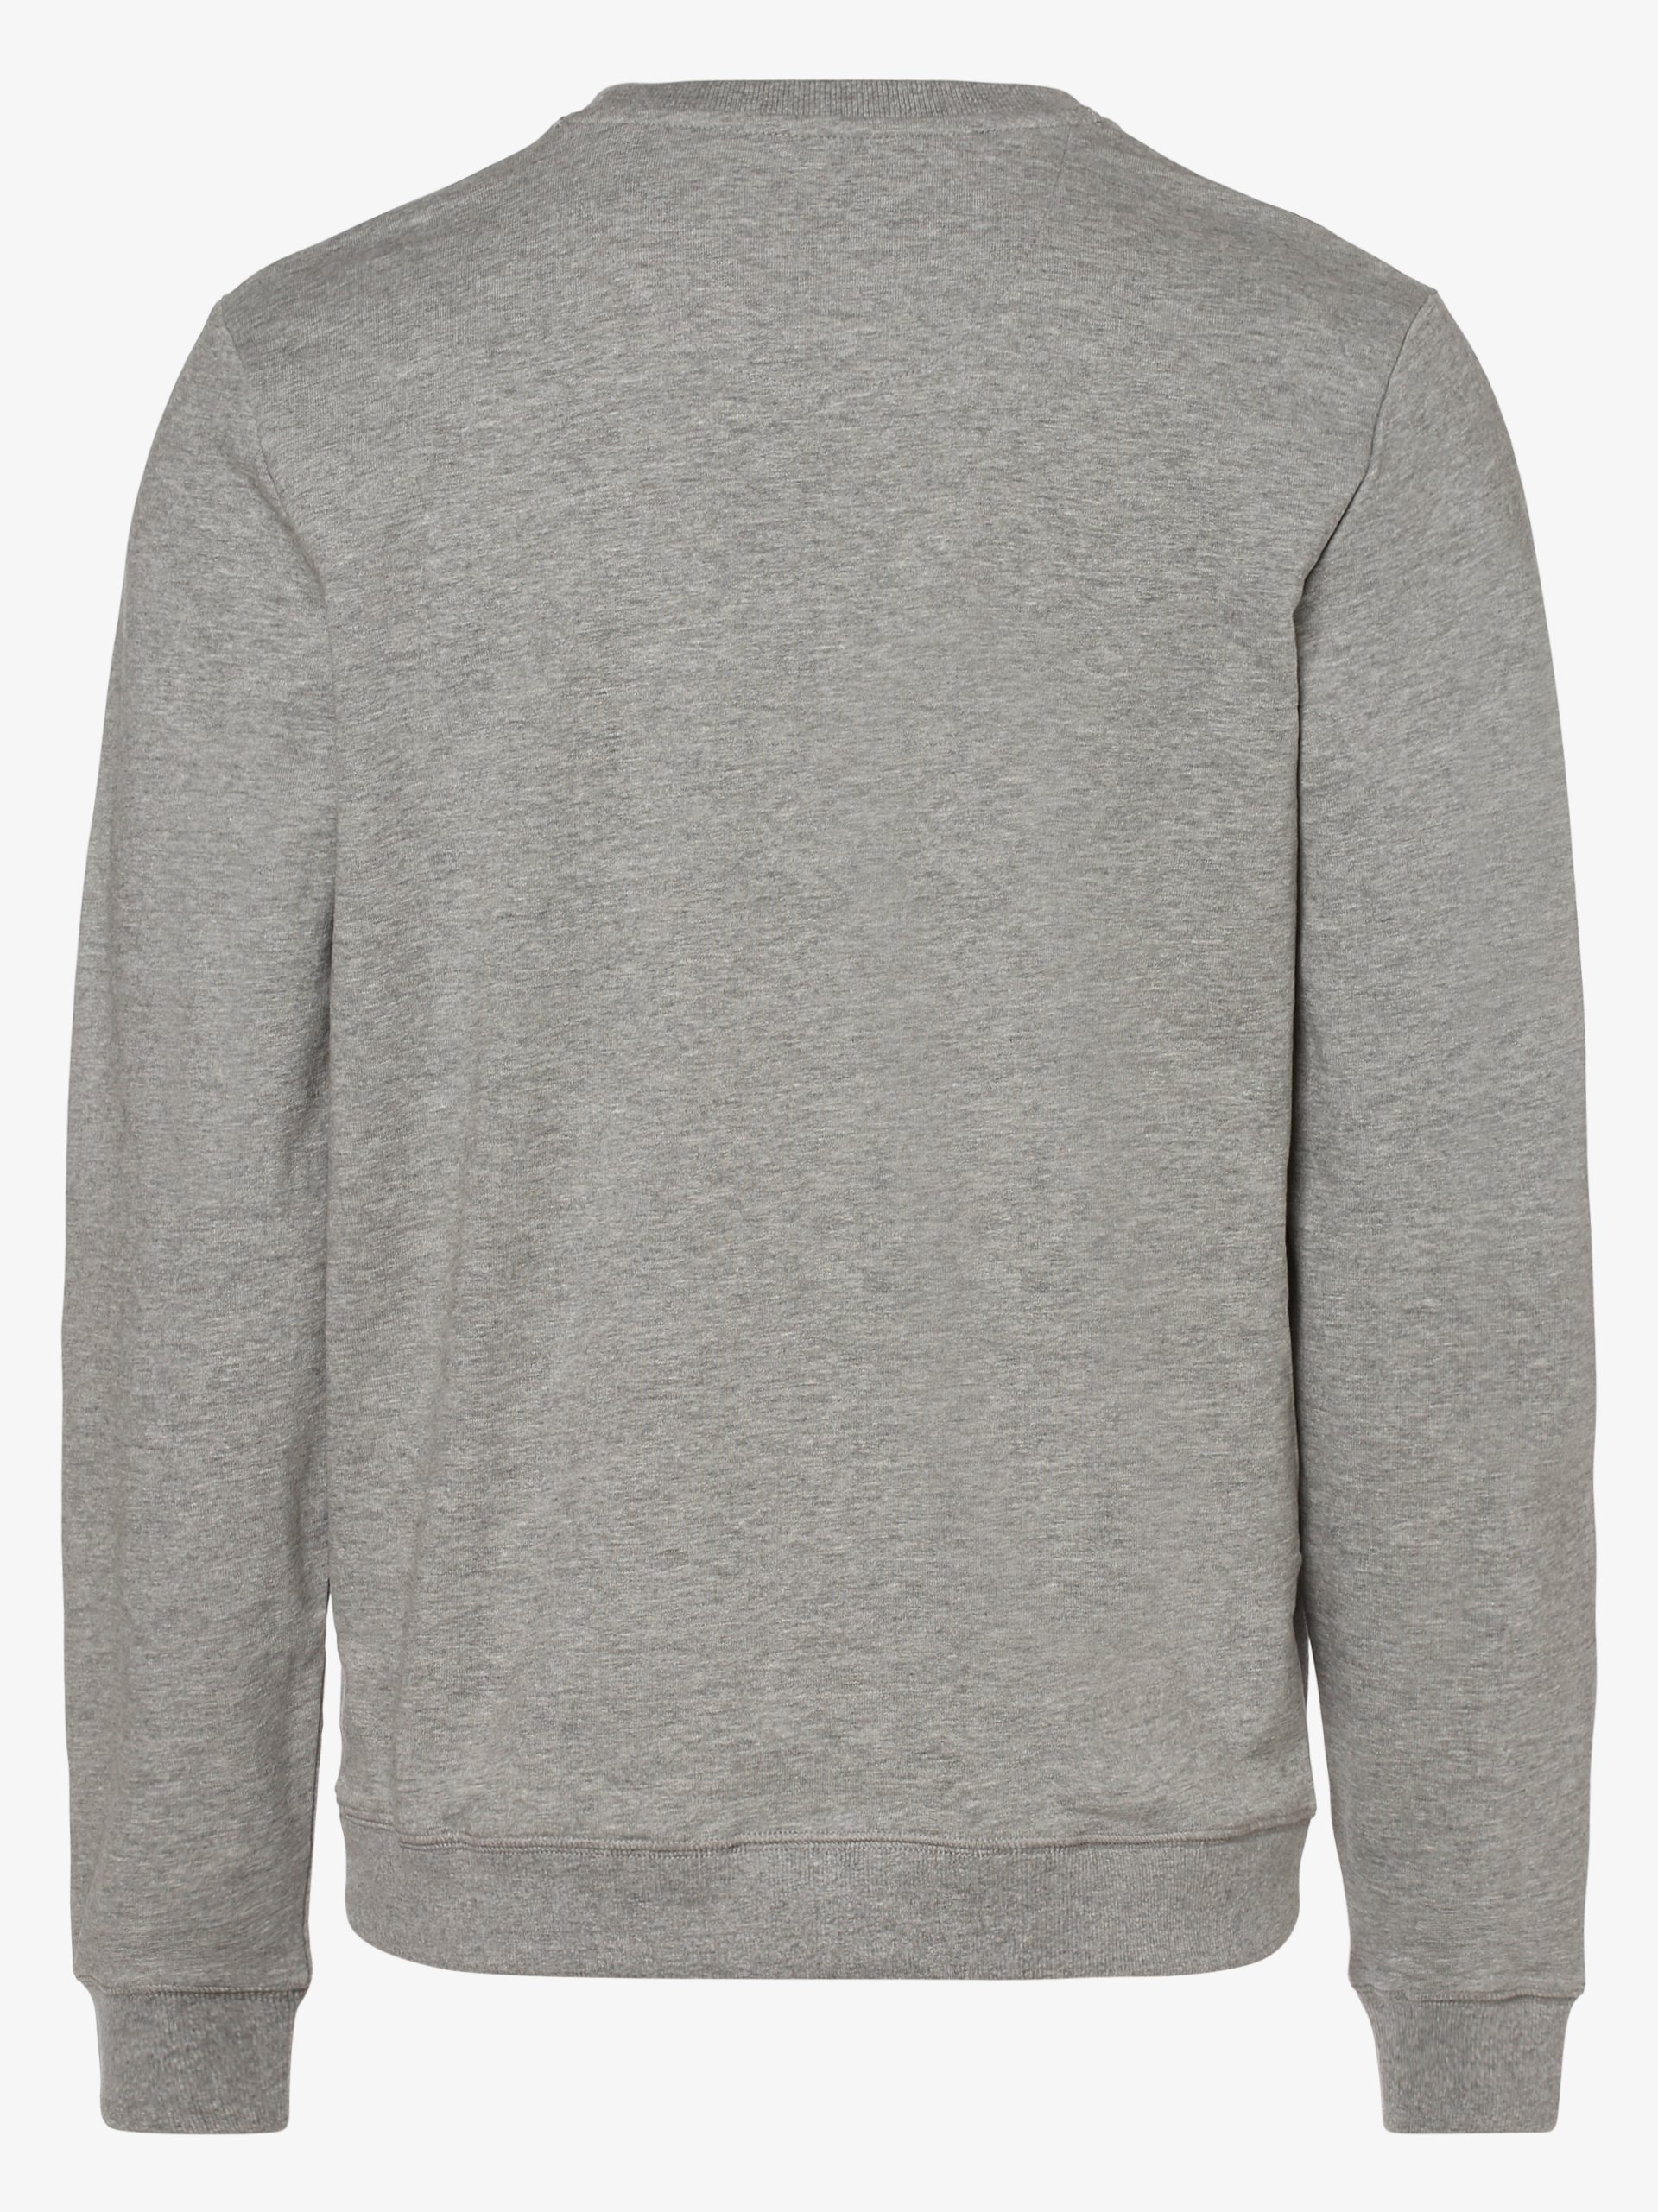 Andrew James New York Herren Sweatshirt